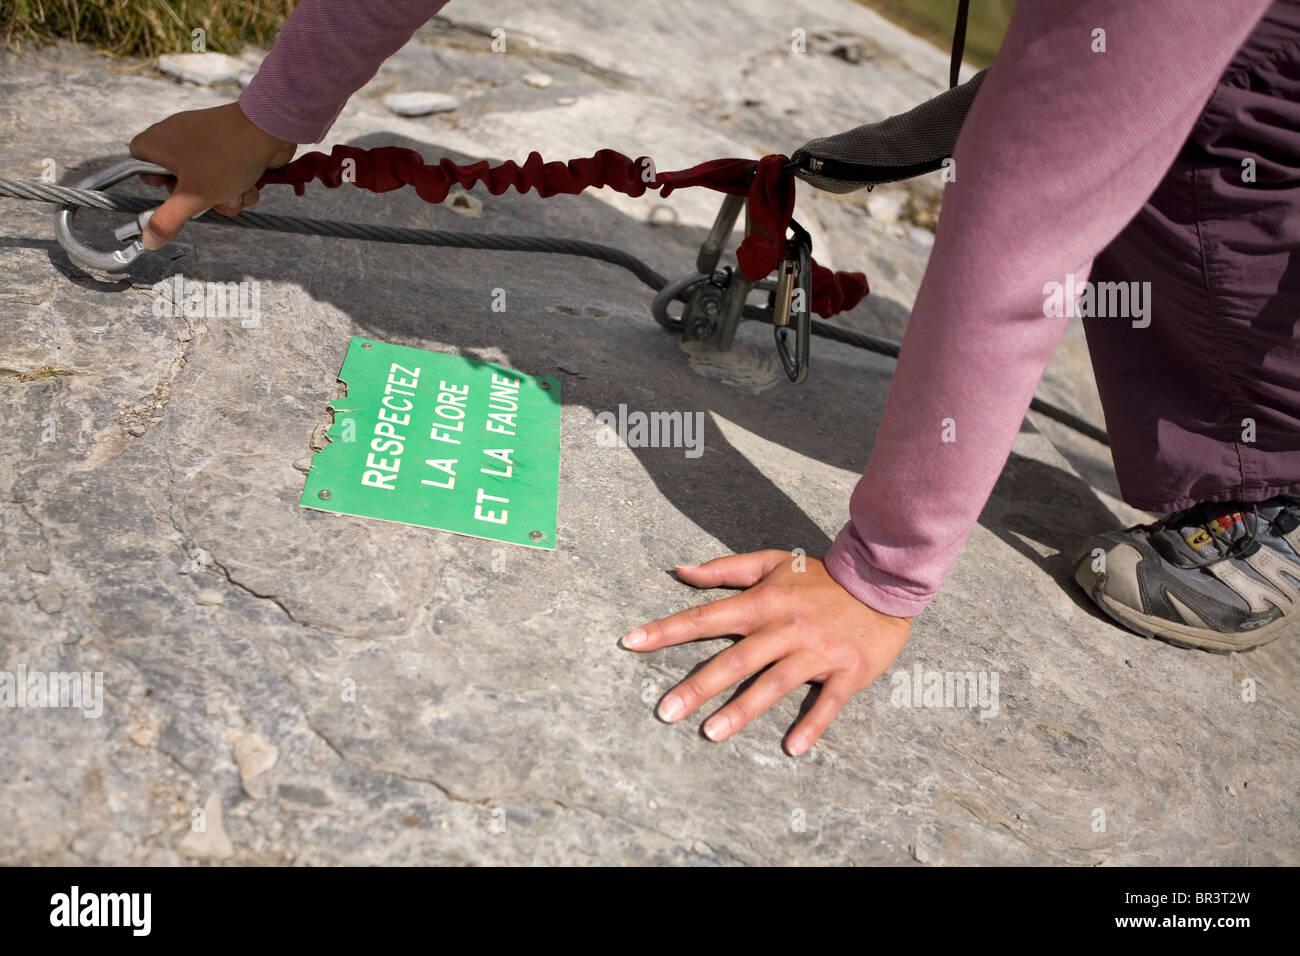 Une jeune femme s'attache au câble vissé sur le rocher tout en s'engageant dans le sport de la Photo Stock